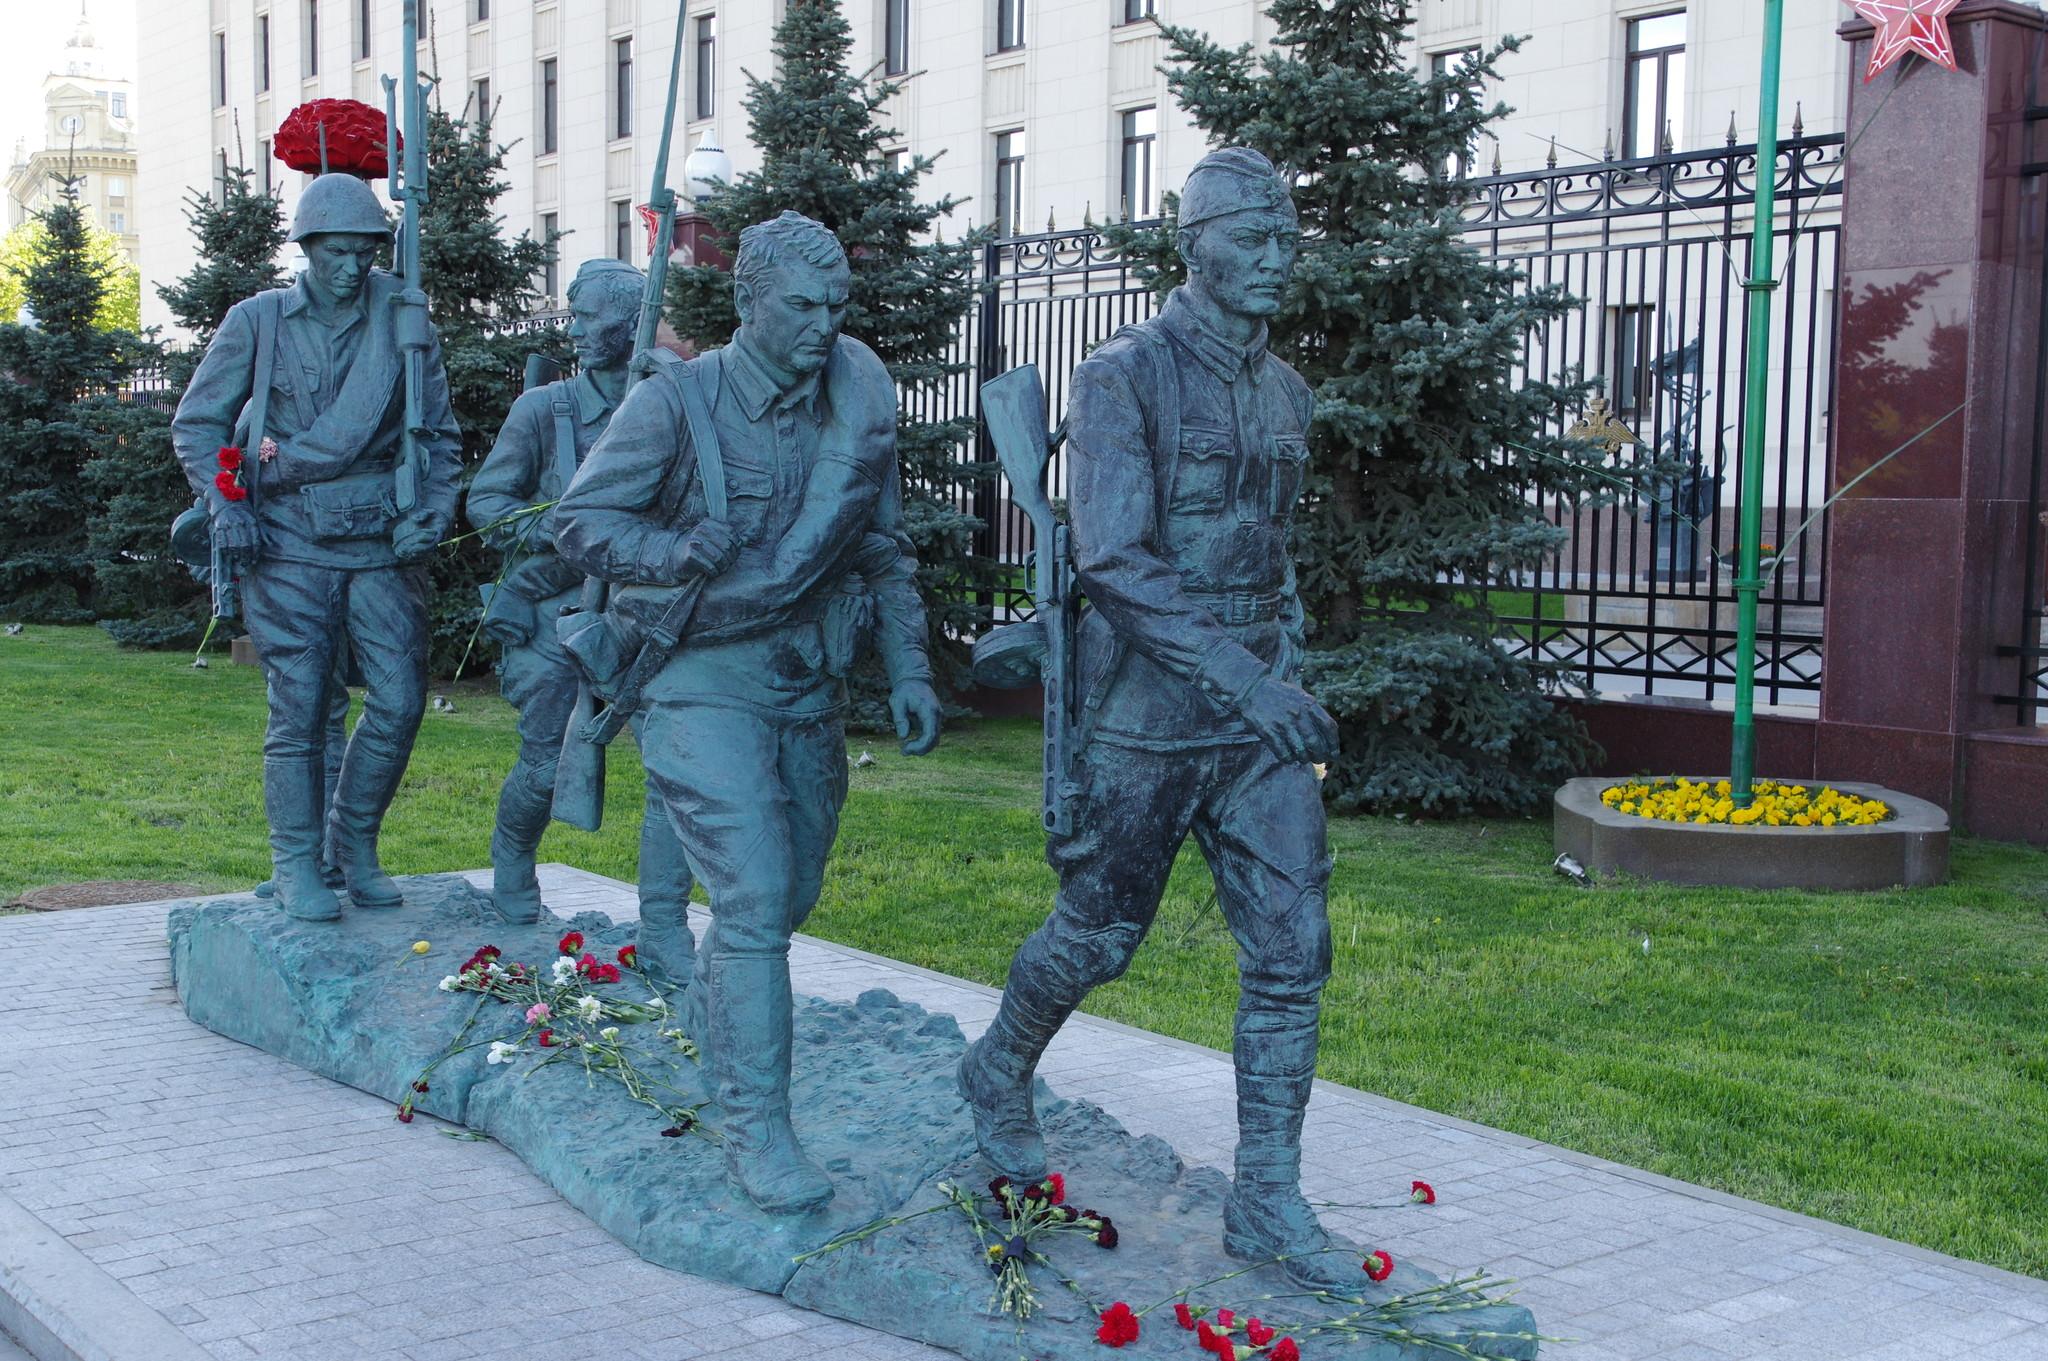 Скульптурная композиция «Они сражались за Родину» на Фрунзенской набережной перед фасадом здания Национального центра управления обороной России